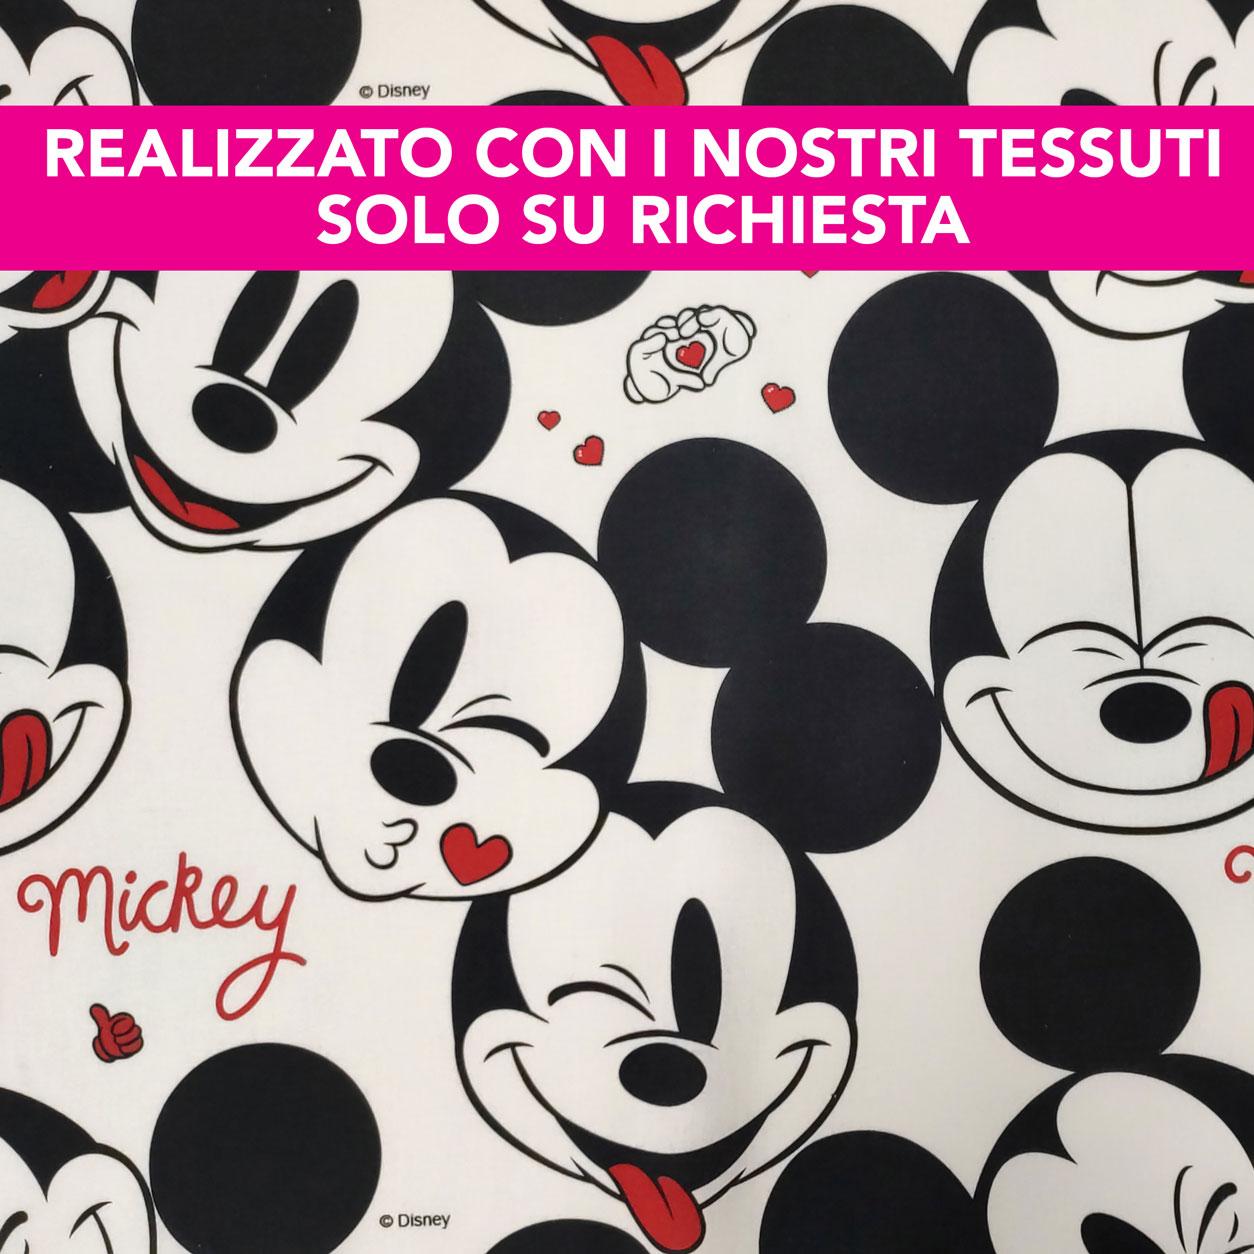 Federa Personalizzata Faccine Mickey Mouse Bianco